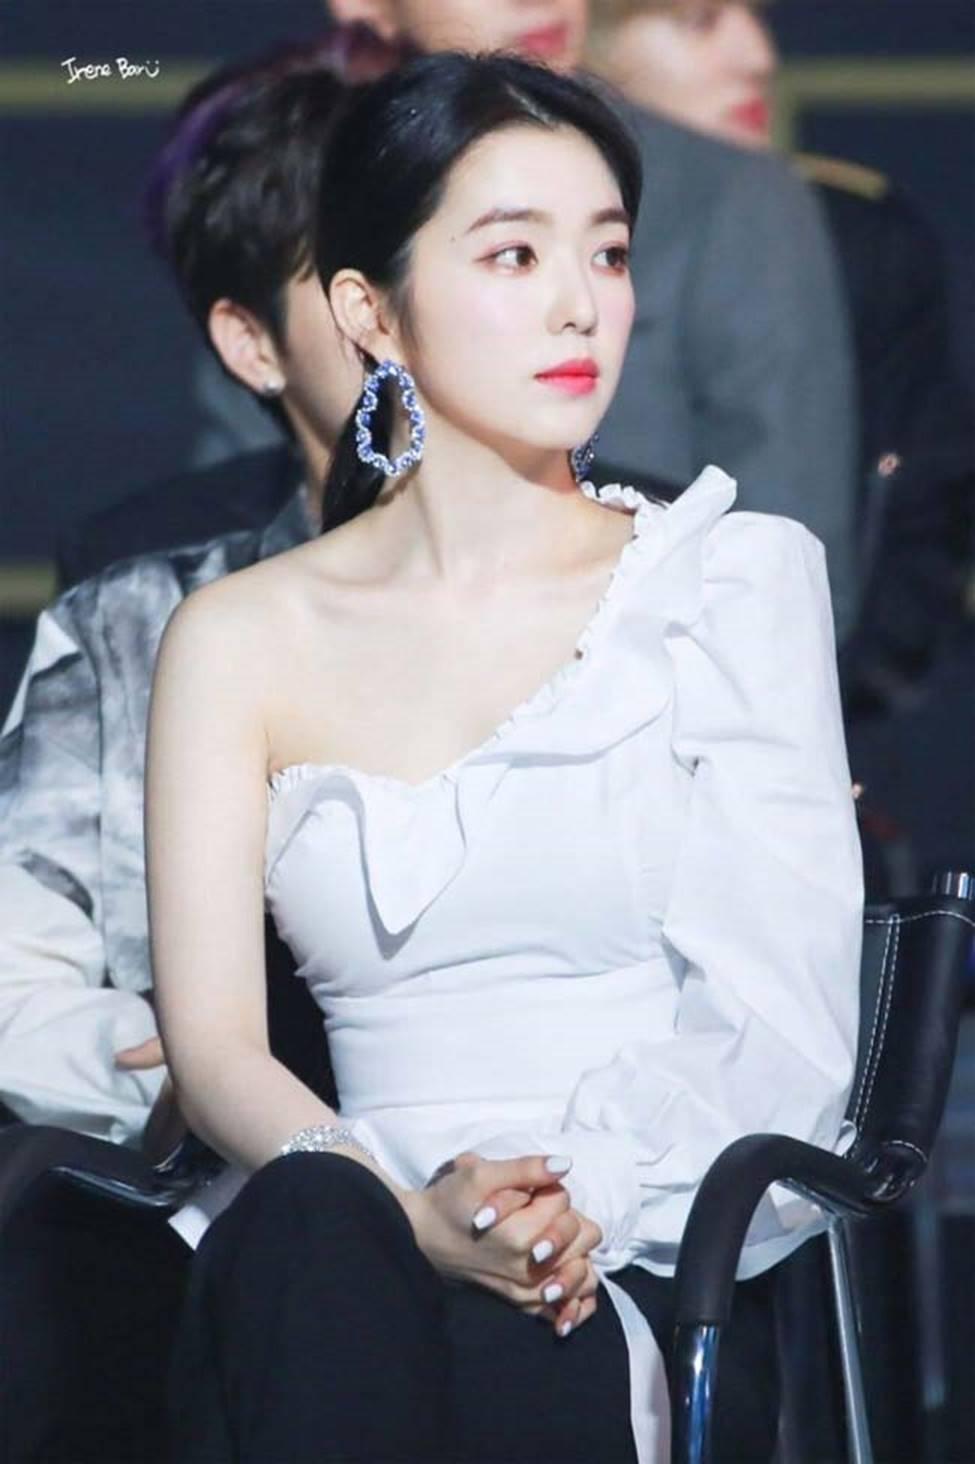 Mỹ nhân Hàn khiến người ta phải khiếp sợ vì quá xinh đẹp-2